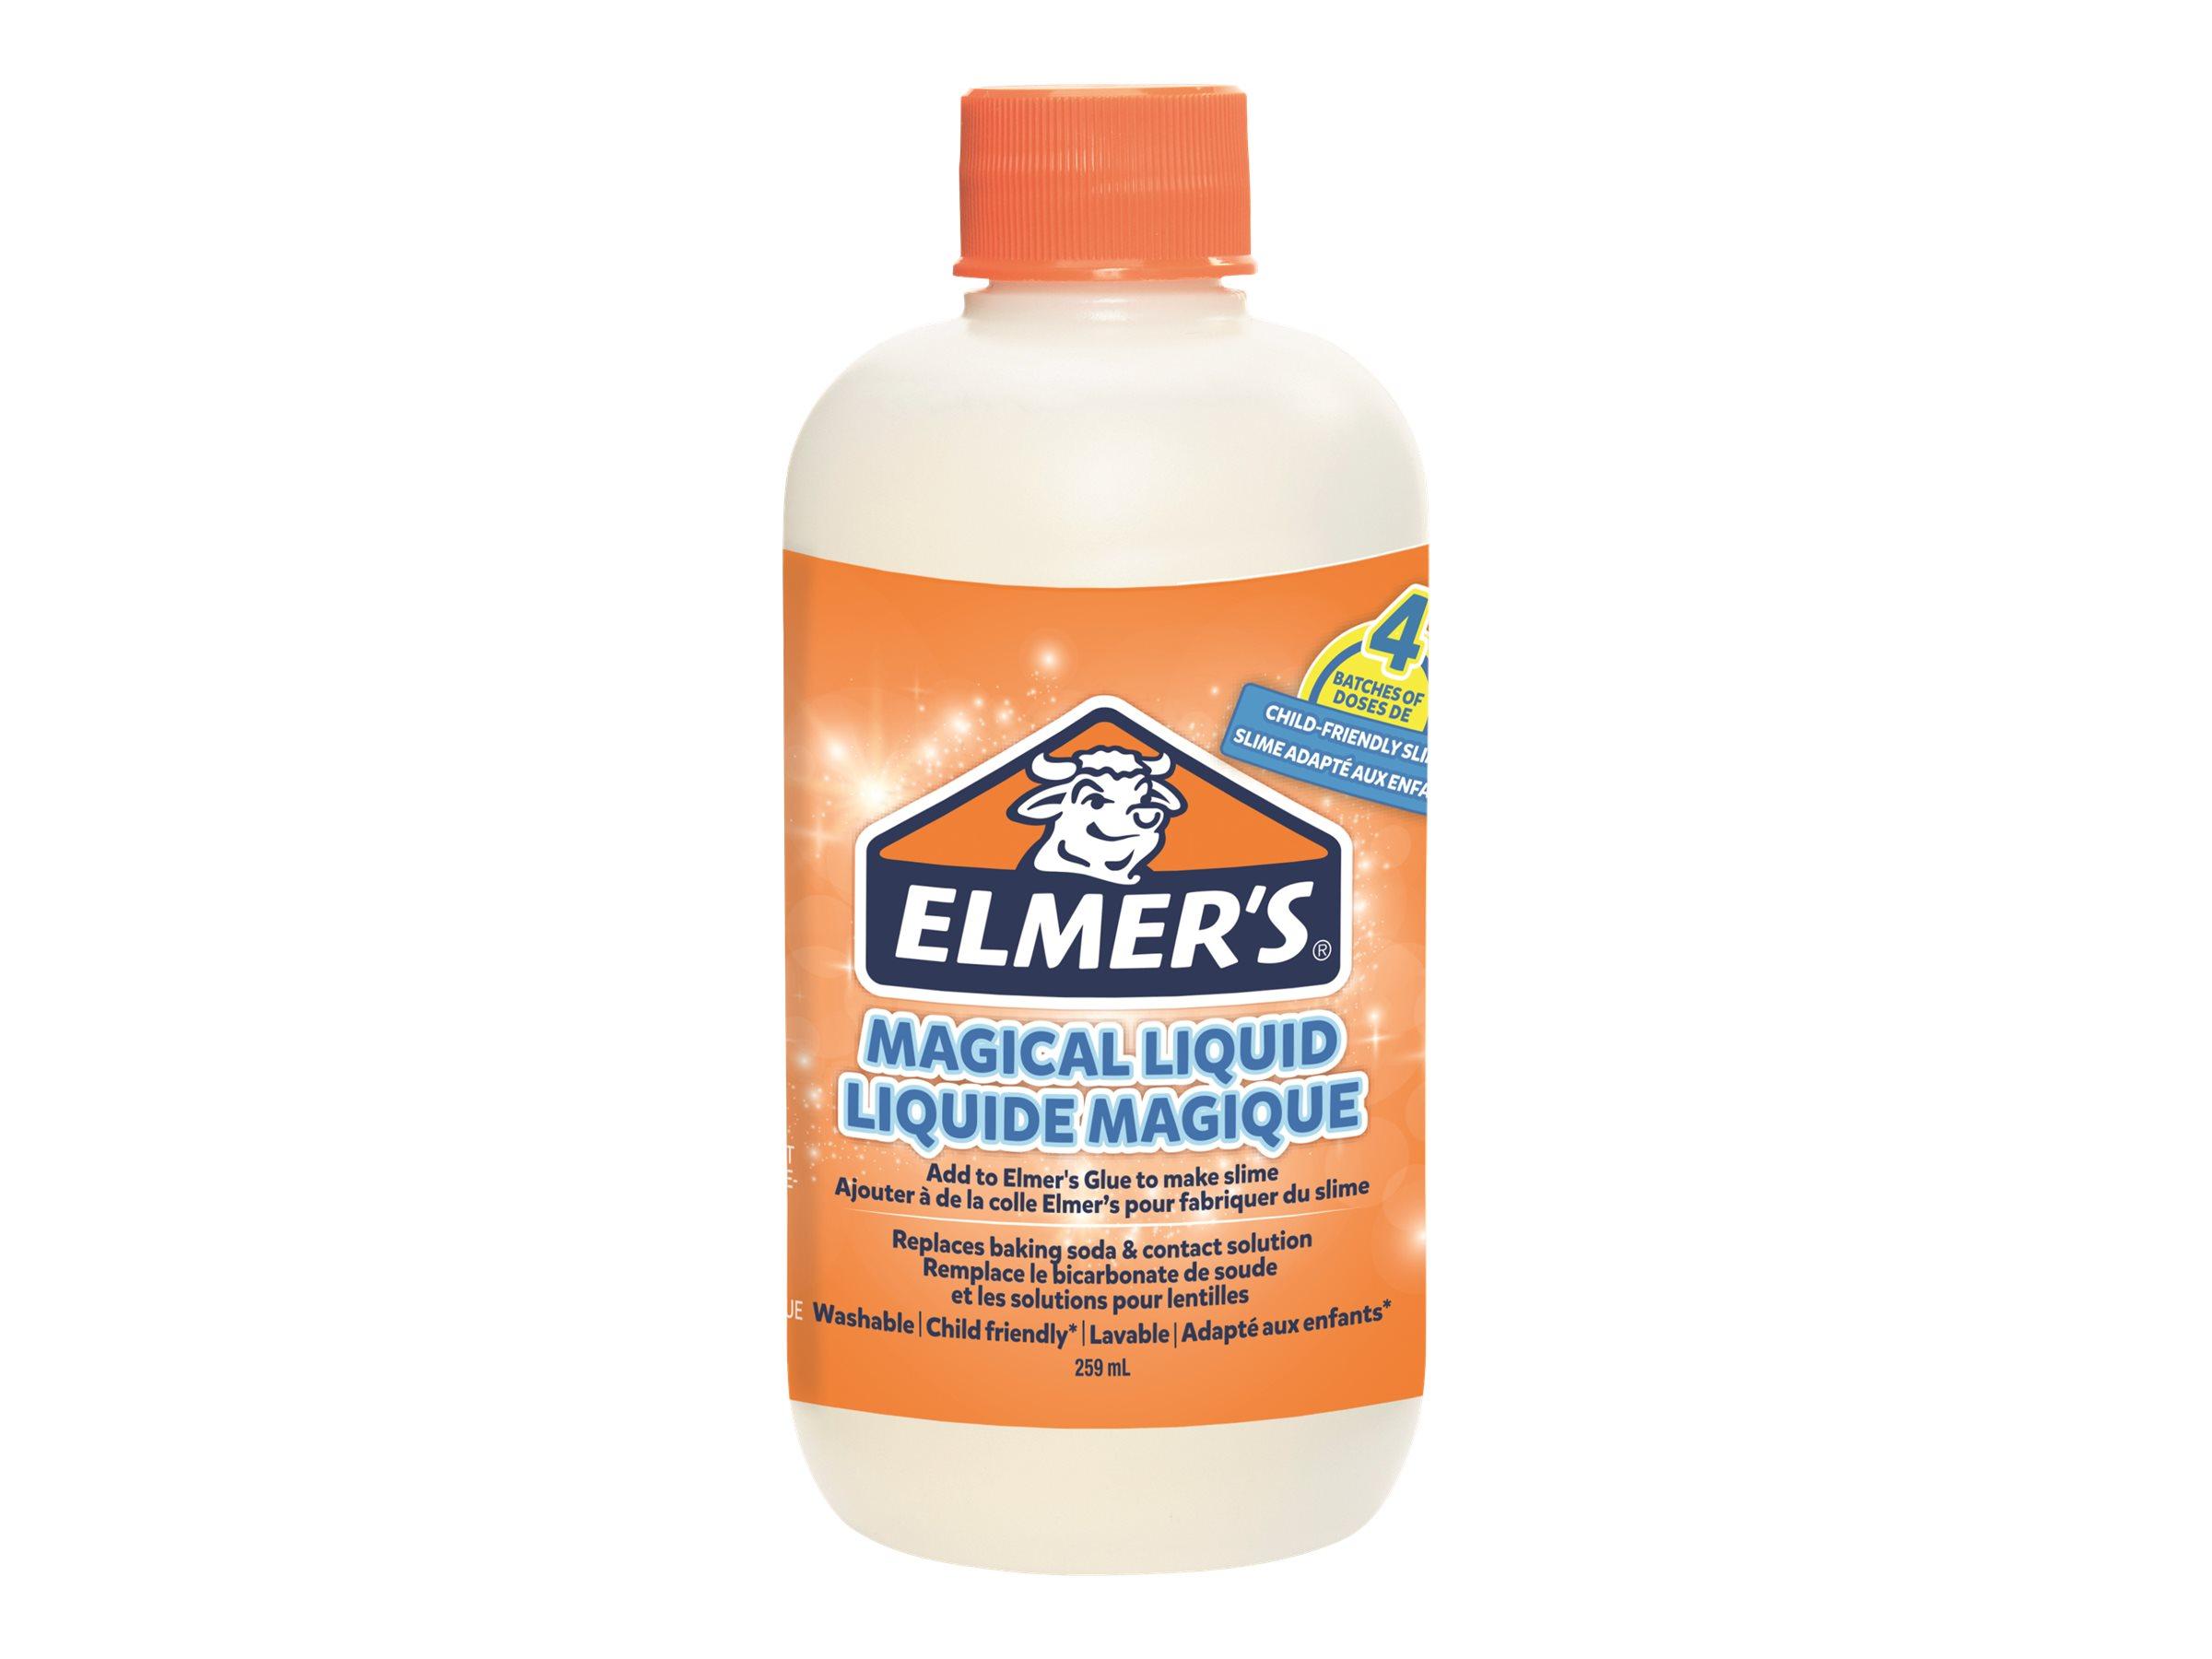 Elmers - colle magique pour slime - 259 ml